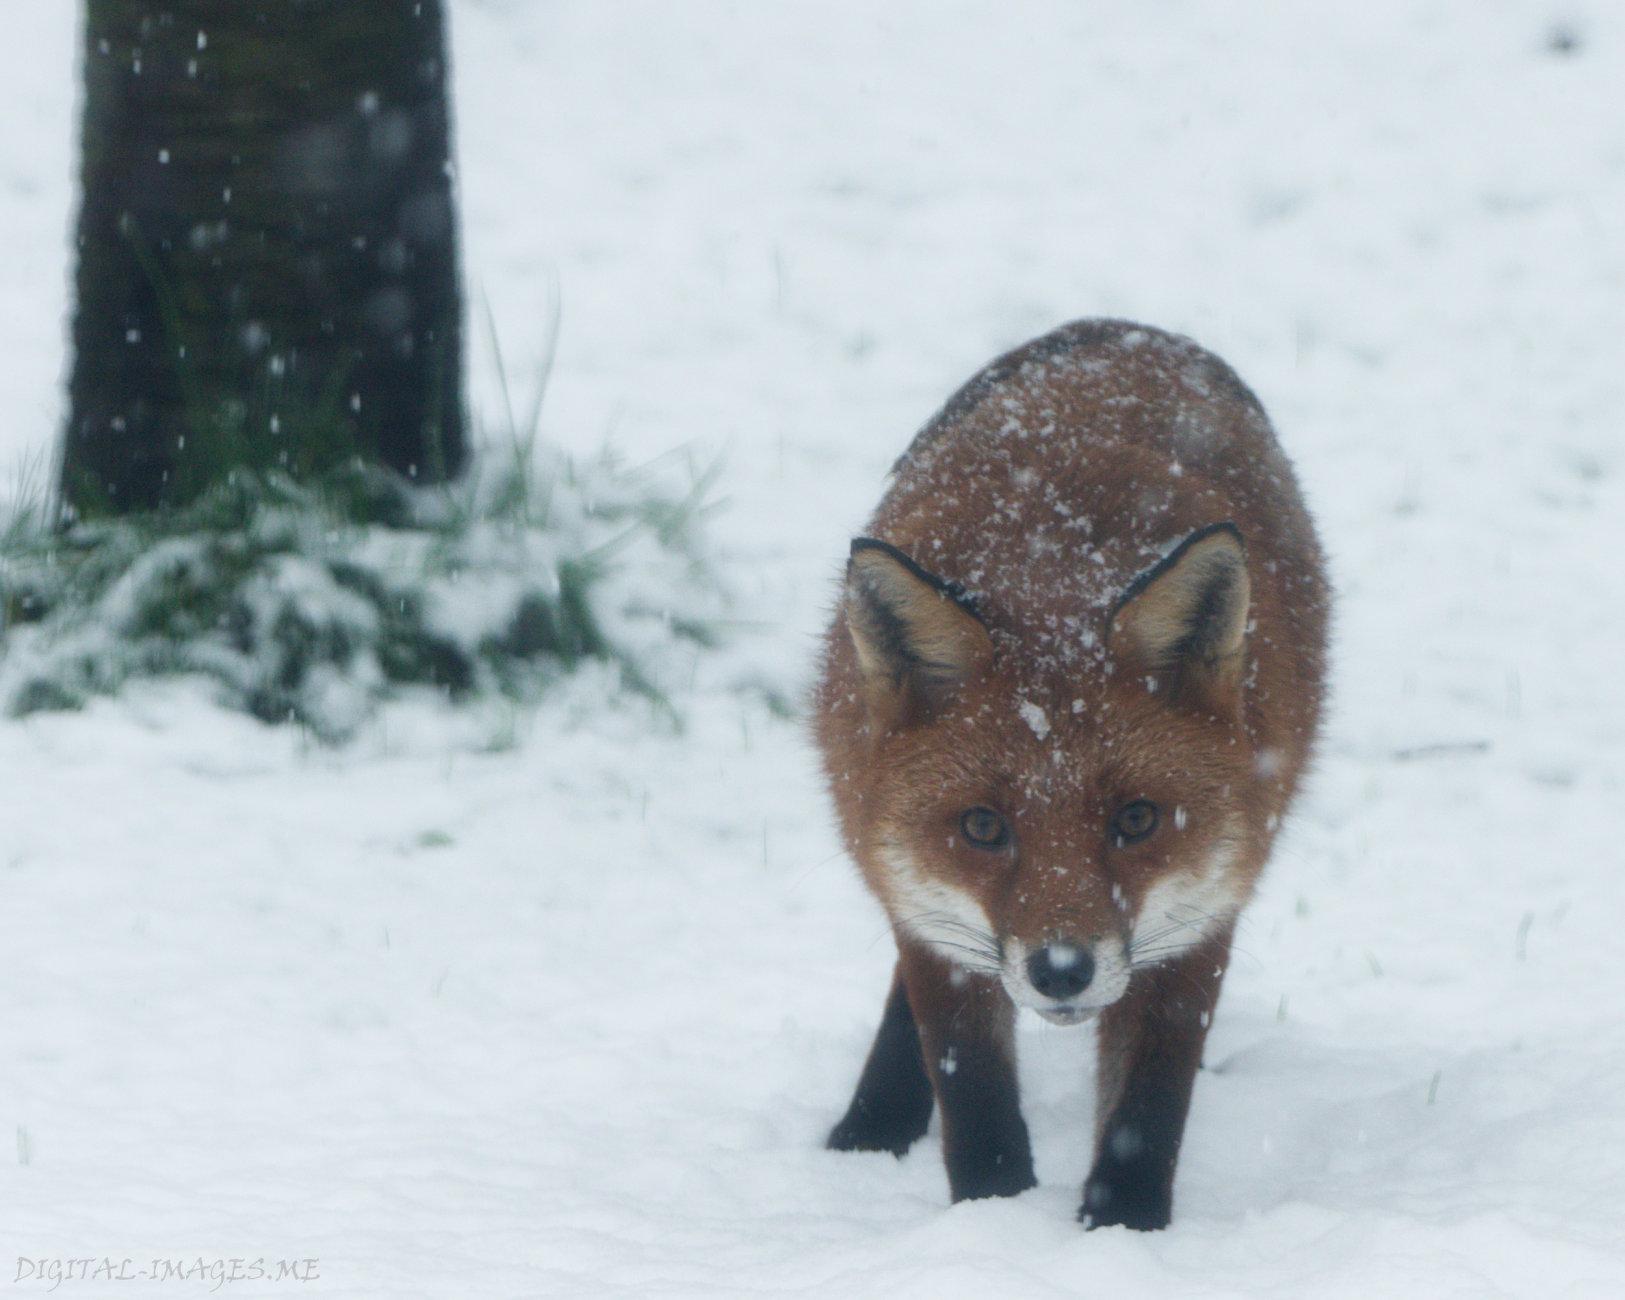 Not an Arctic Fox